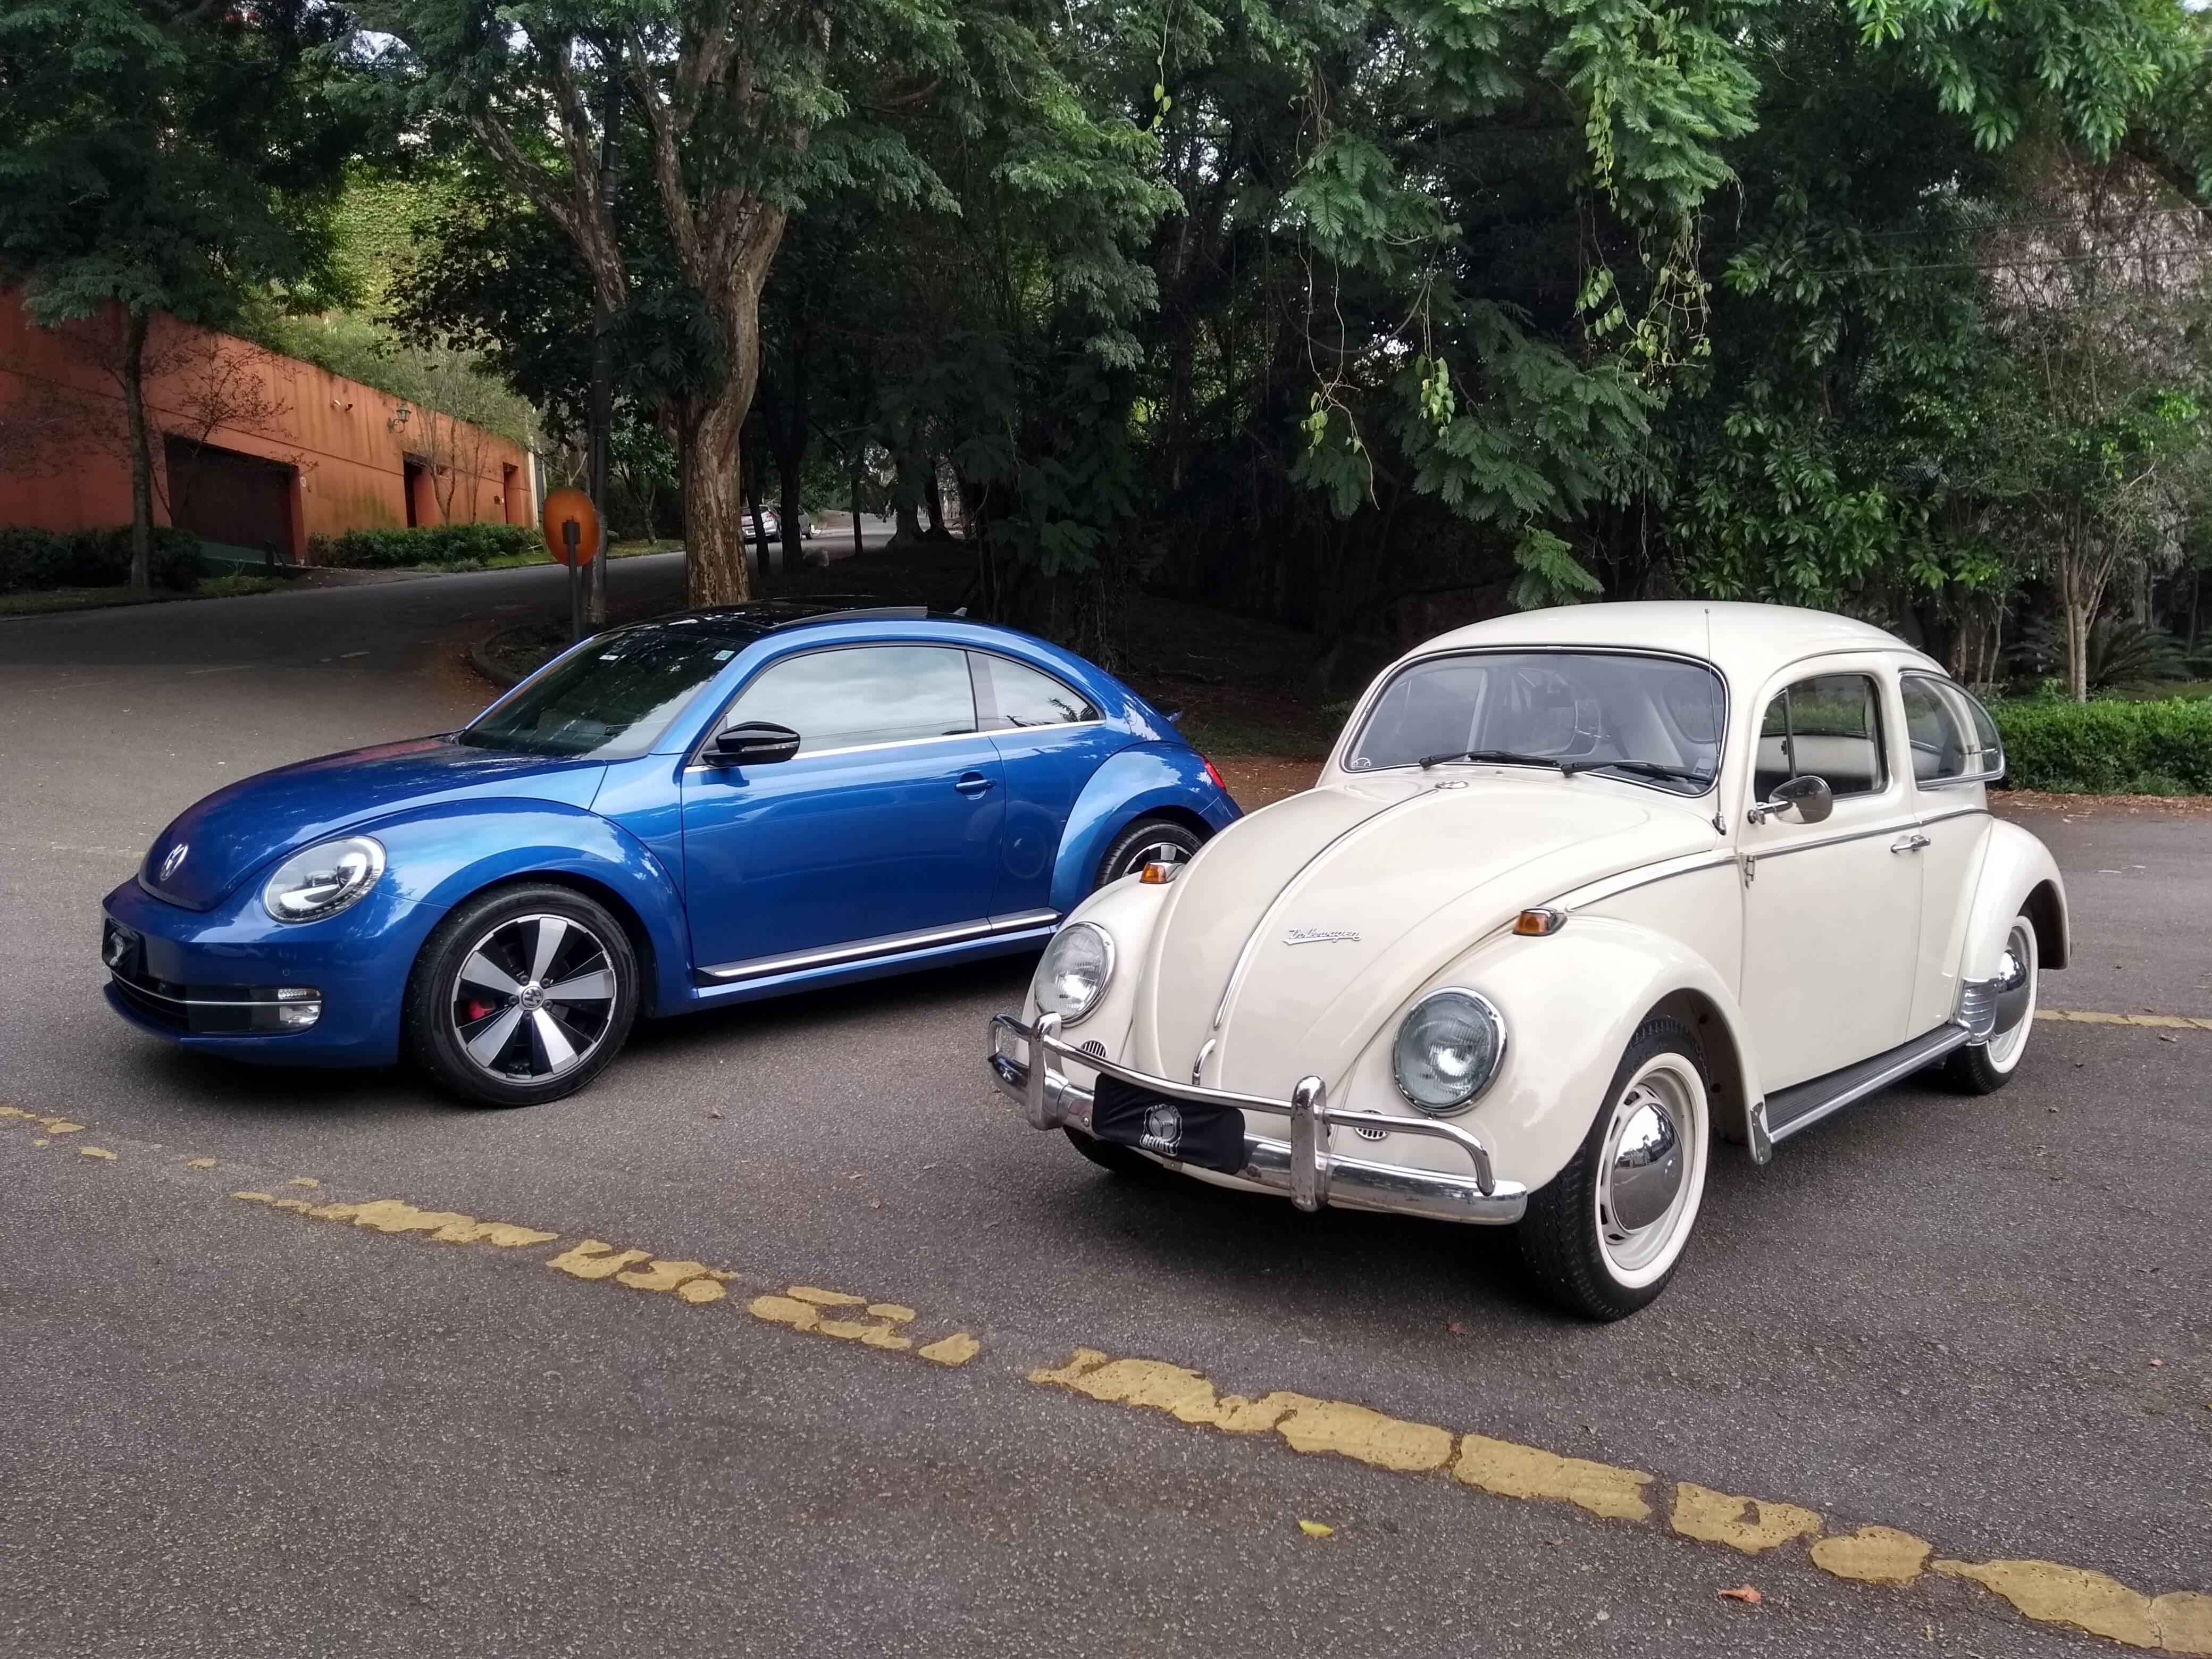 VW Fusca dos anos 60 ao lado da nova geração, com motor 2.0 turbo e câmbio de dupla embreagem DSG. Foto: Renato Bellote/iG